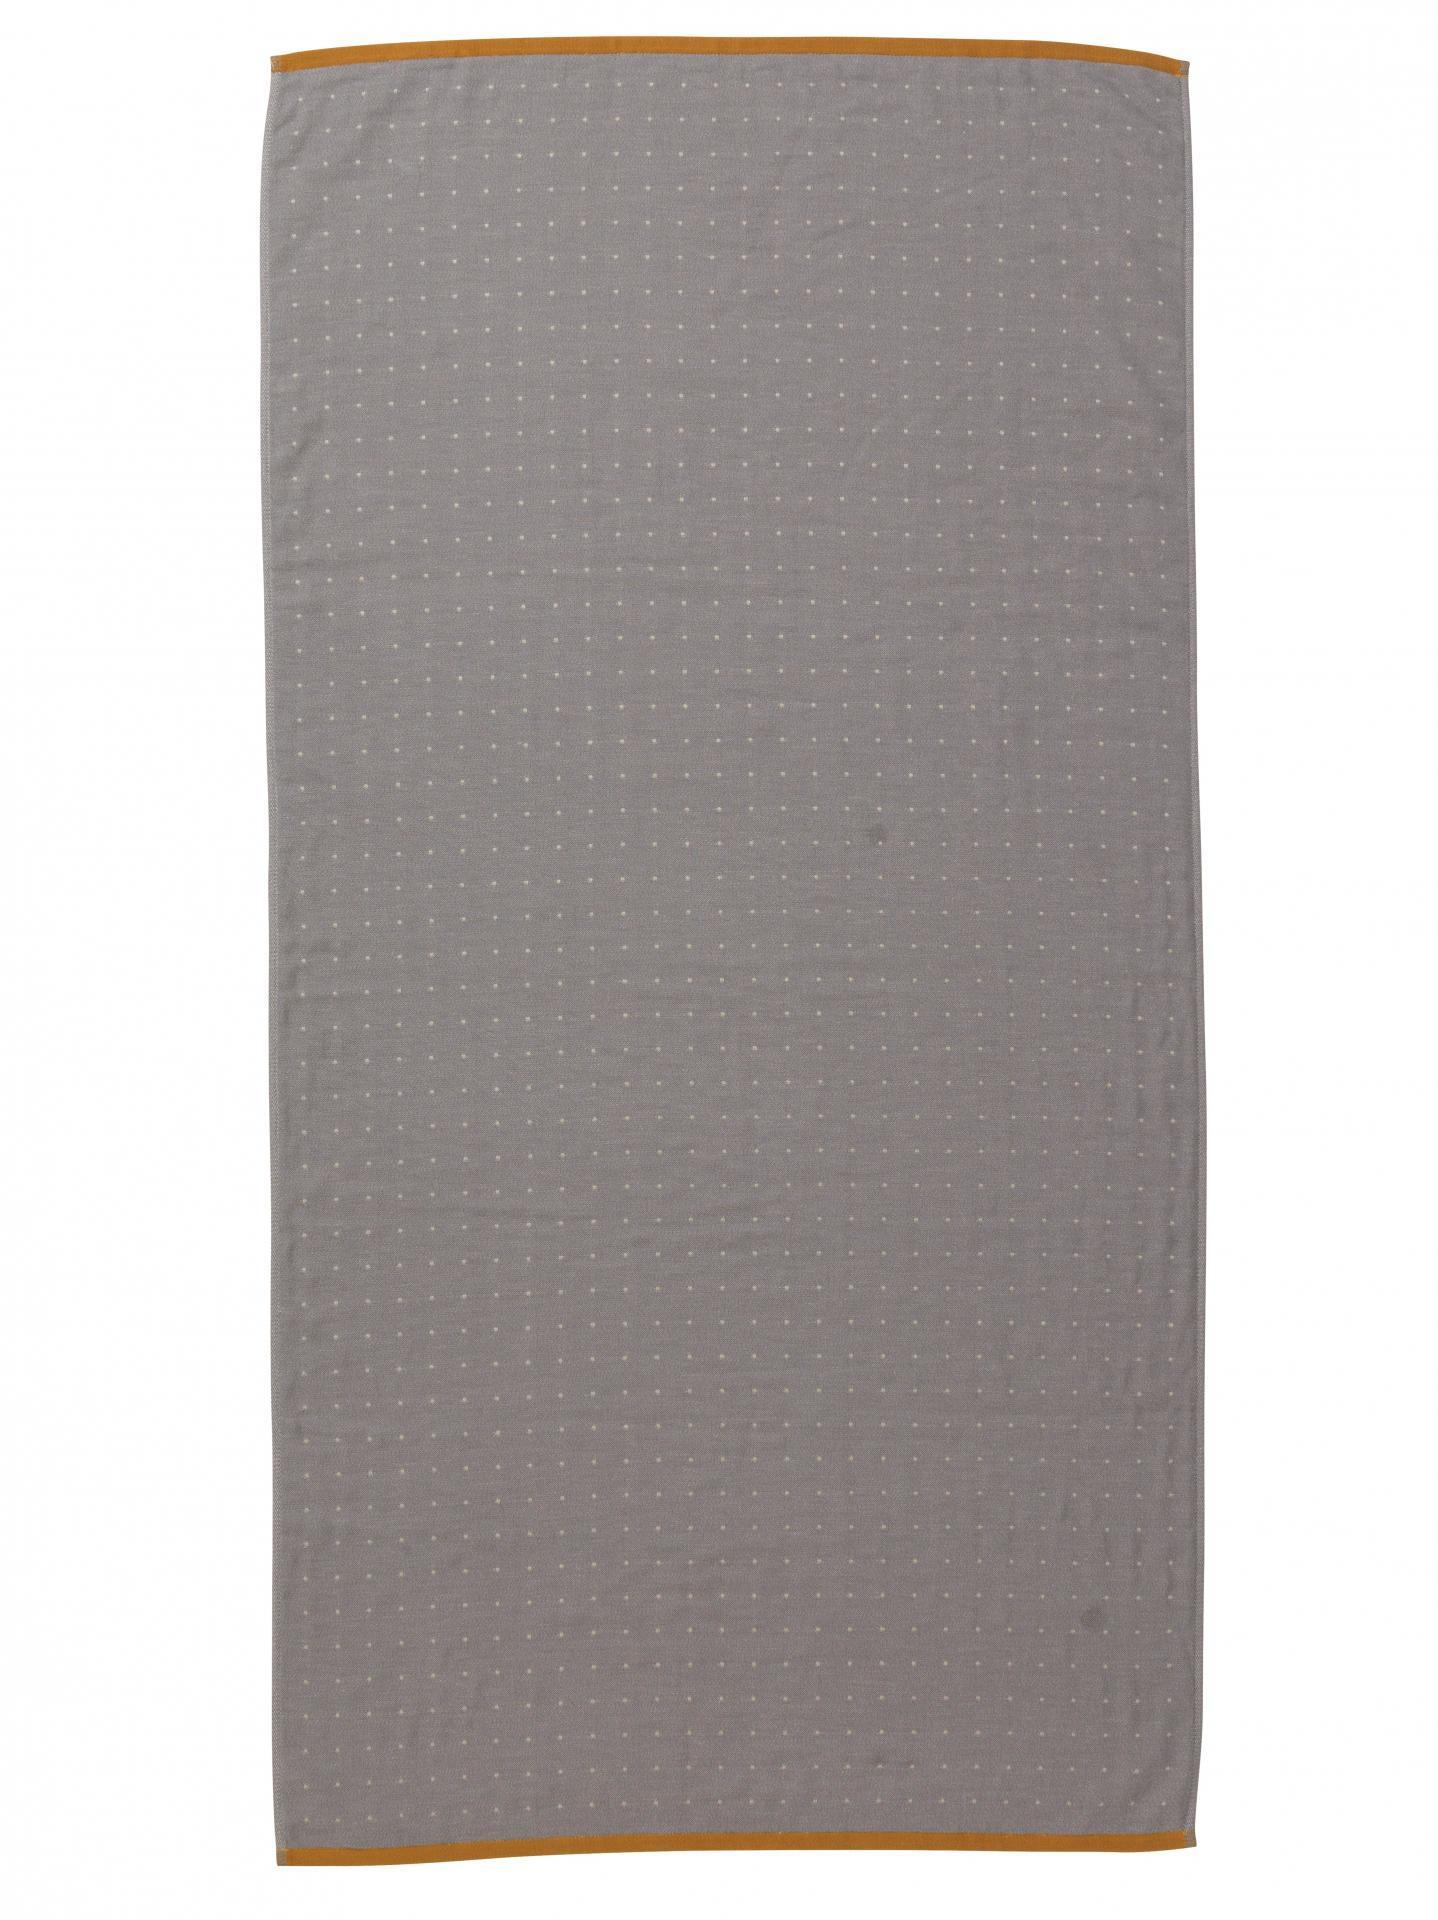 ferm LIVING Osuška Sento Grey 70x140 cm, šedá barva, textil